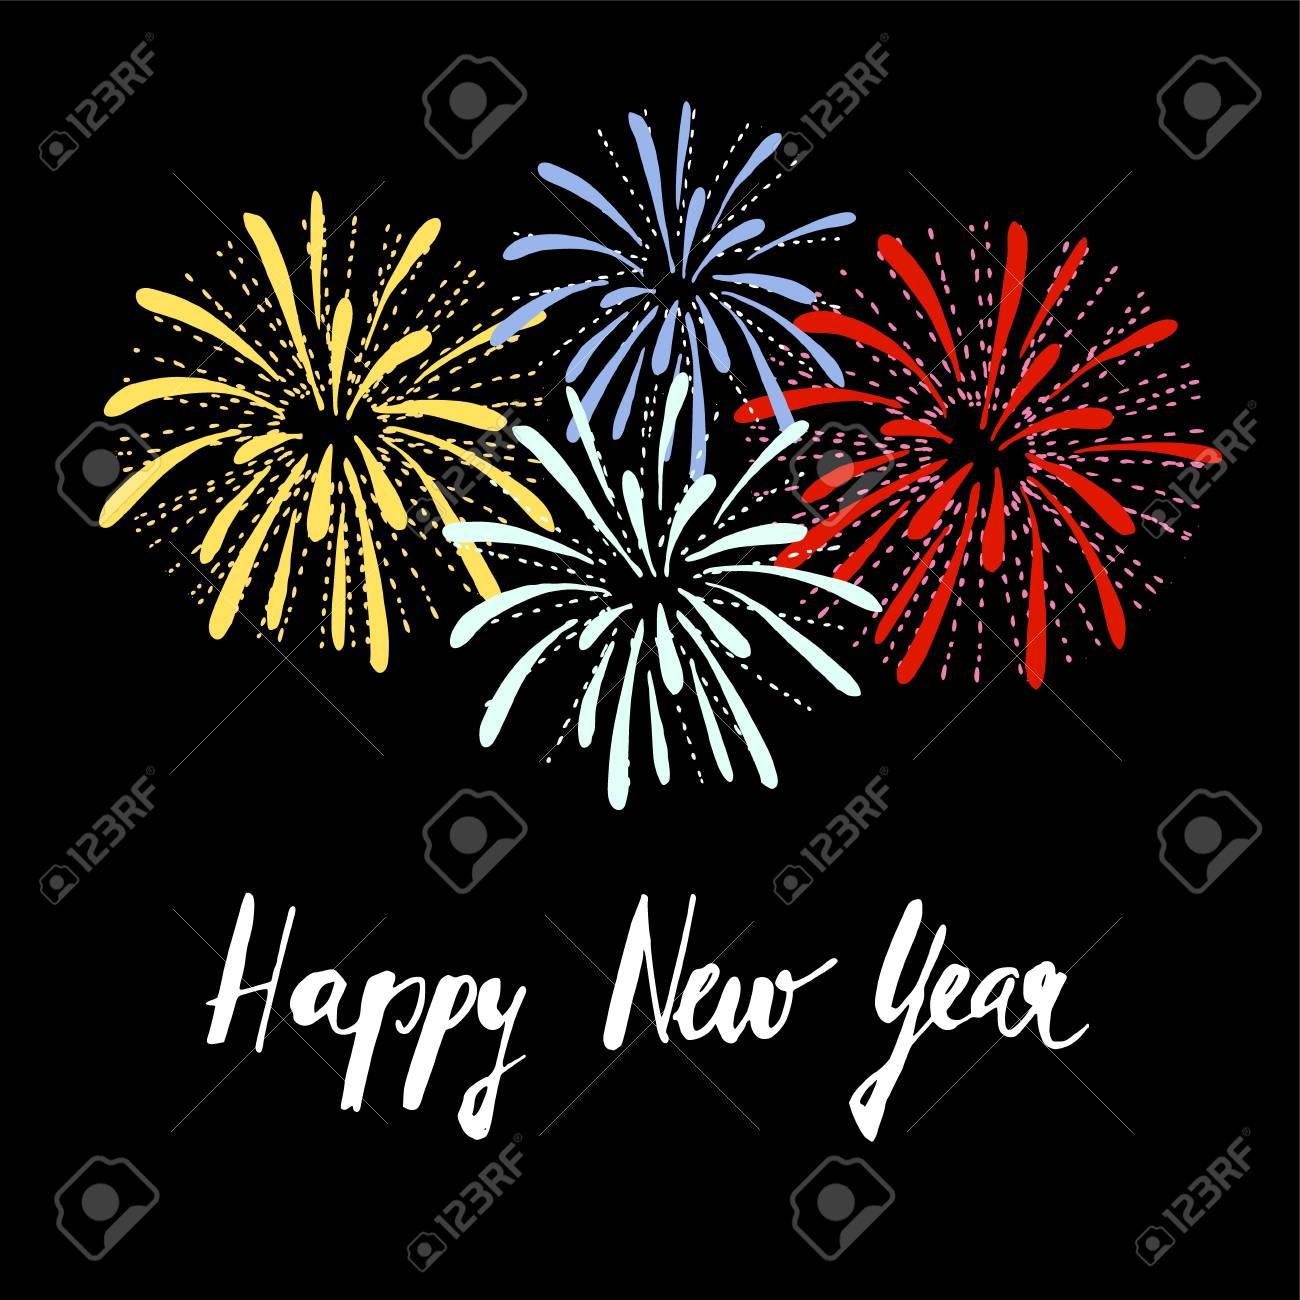 Tarjeta De Felicitación De Año Nuevo Invitación Con Fuegos Artificiales Dibujados A Mano Y Texto Escrito A Mano Fondo De Ilustración Vectorial